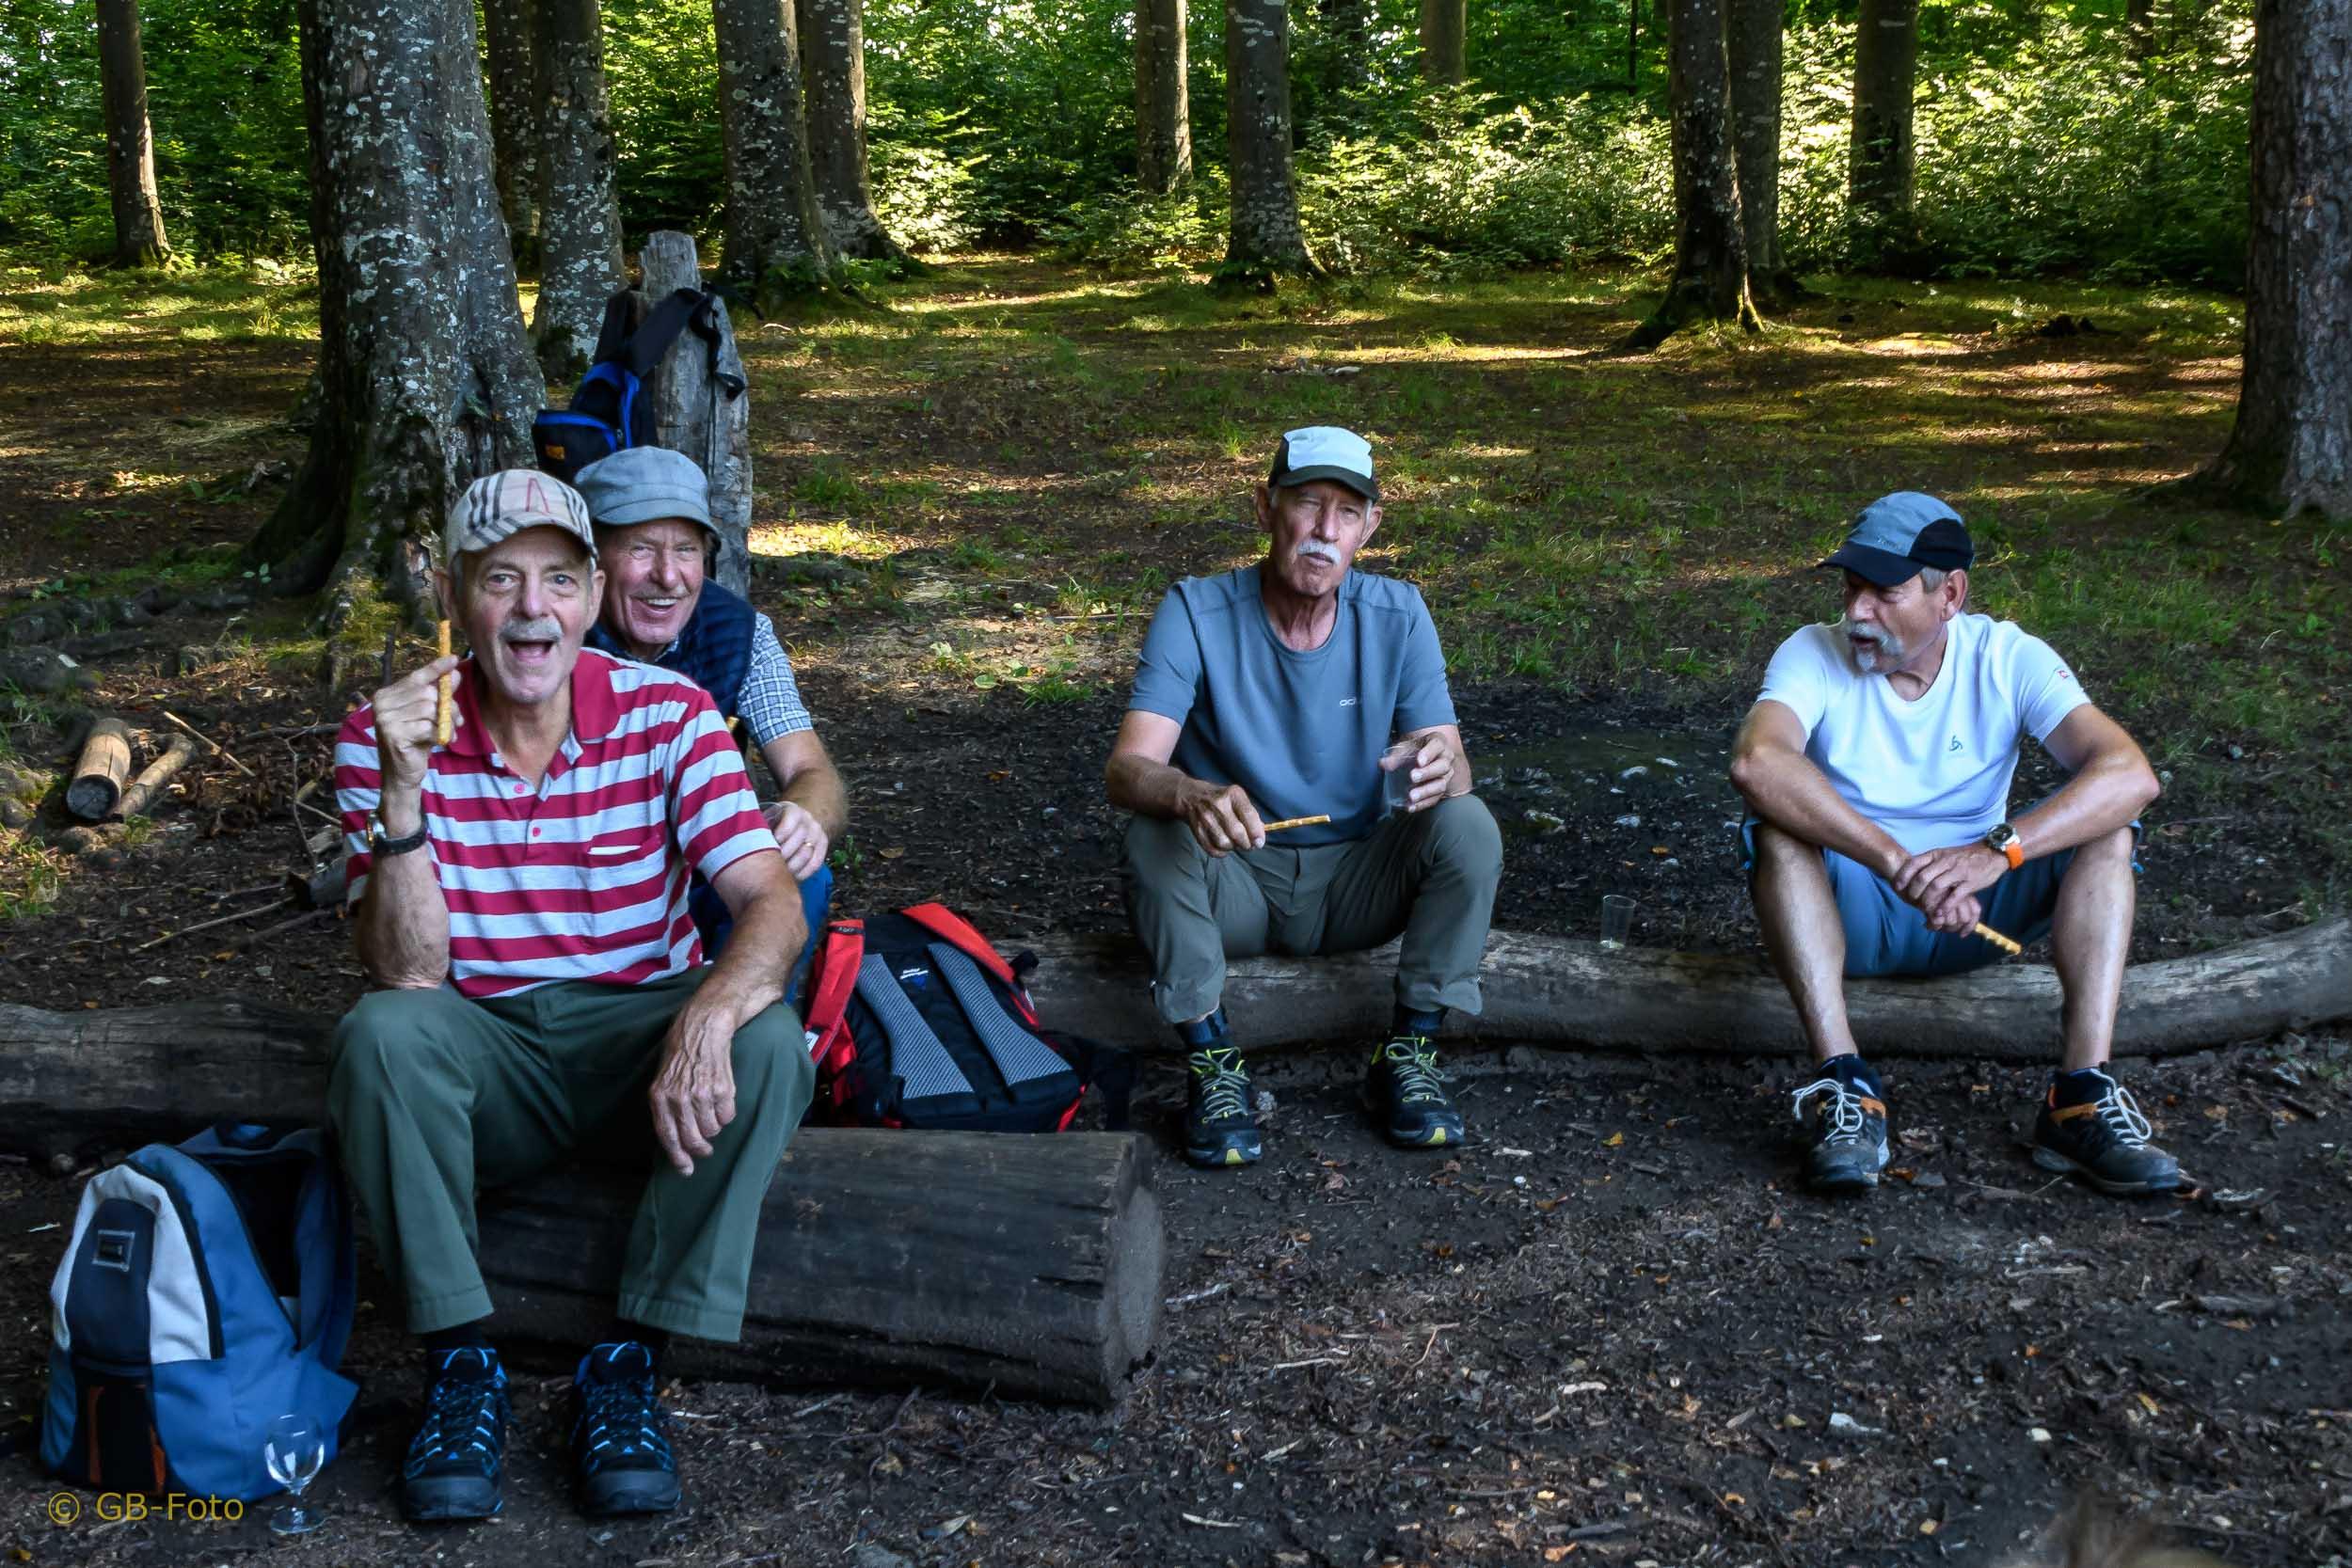 Seniorenwanderung Hochwald - Arlesheim 06.08.2020